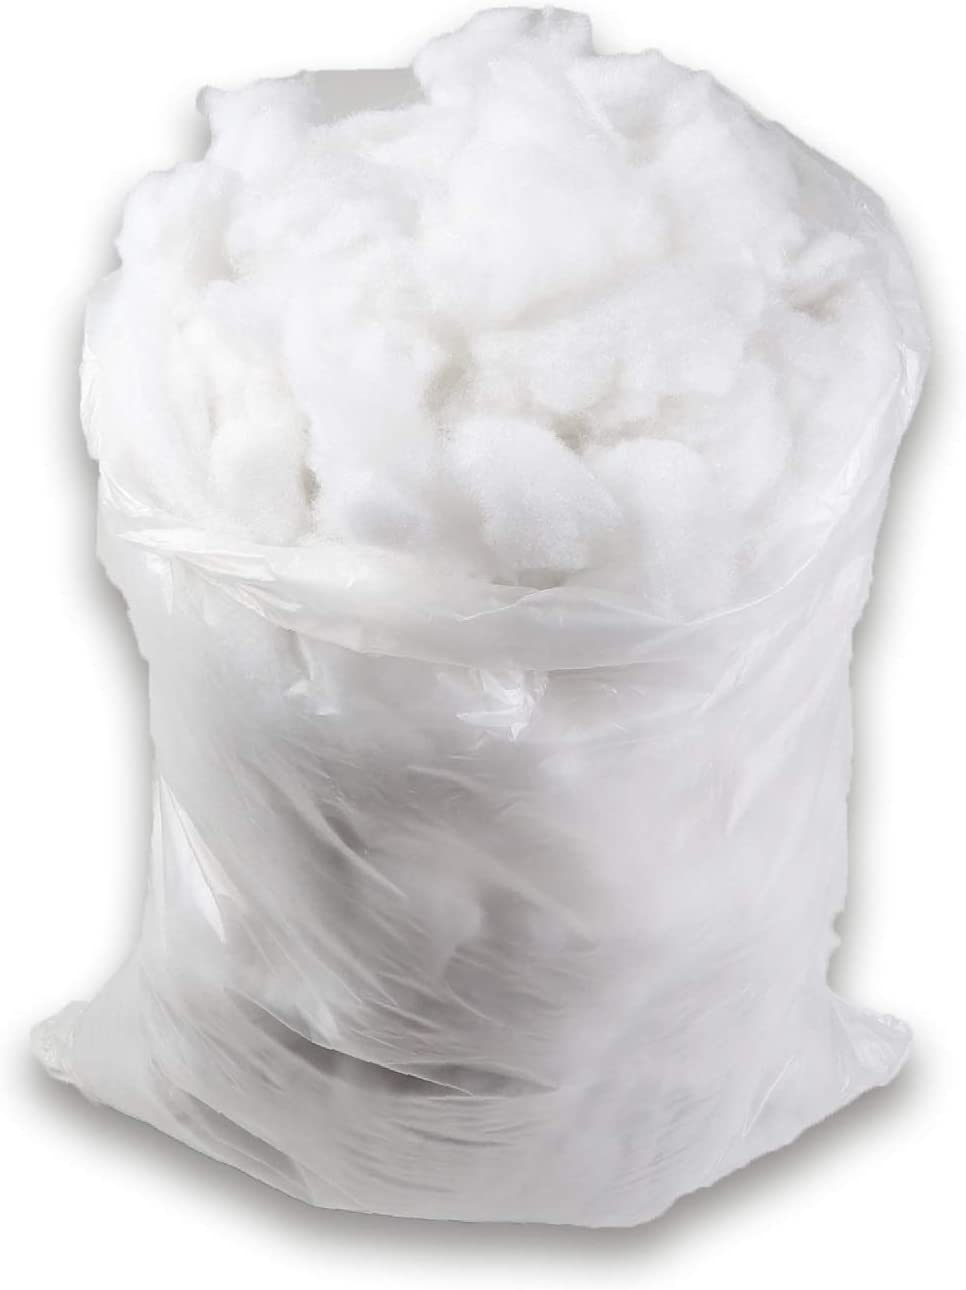 Kissenf/üllung Hohlraum Polyester Watte Weich Komfortabel 400 Gramm Sack